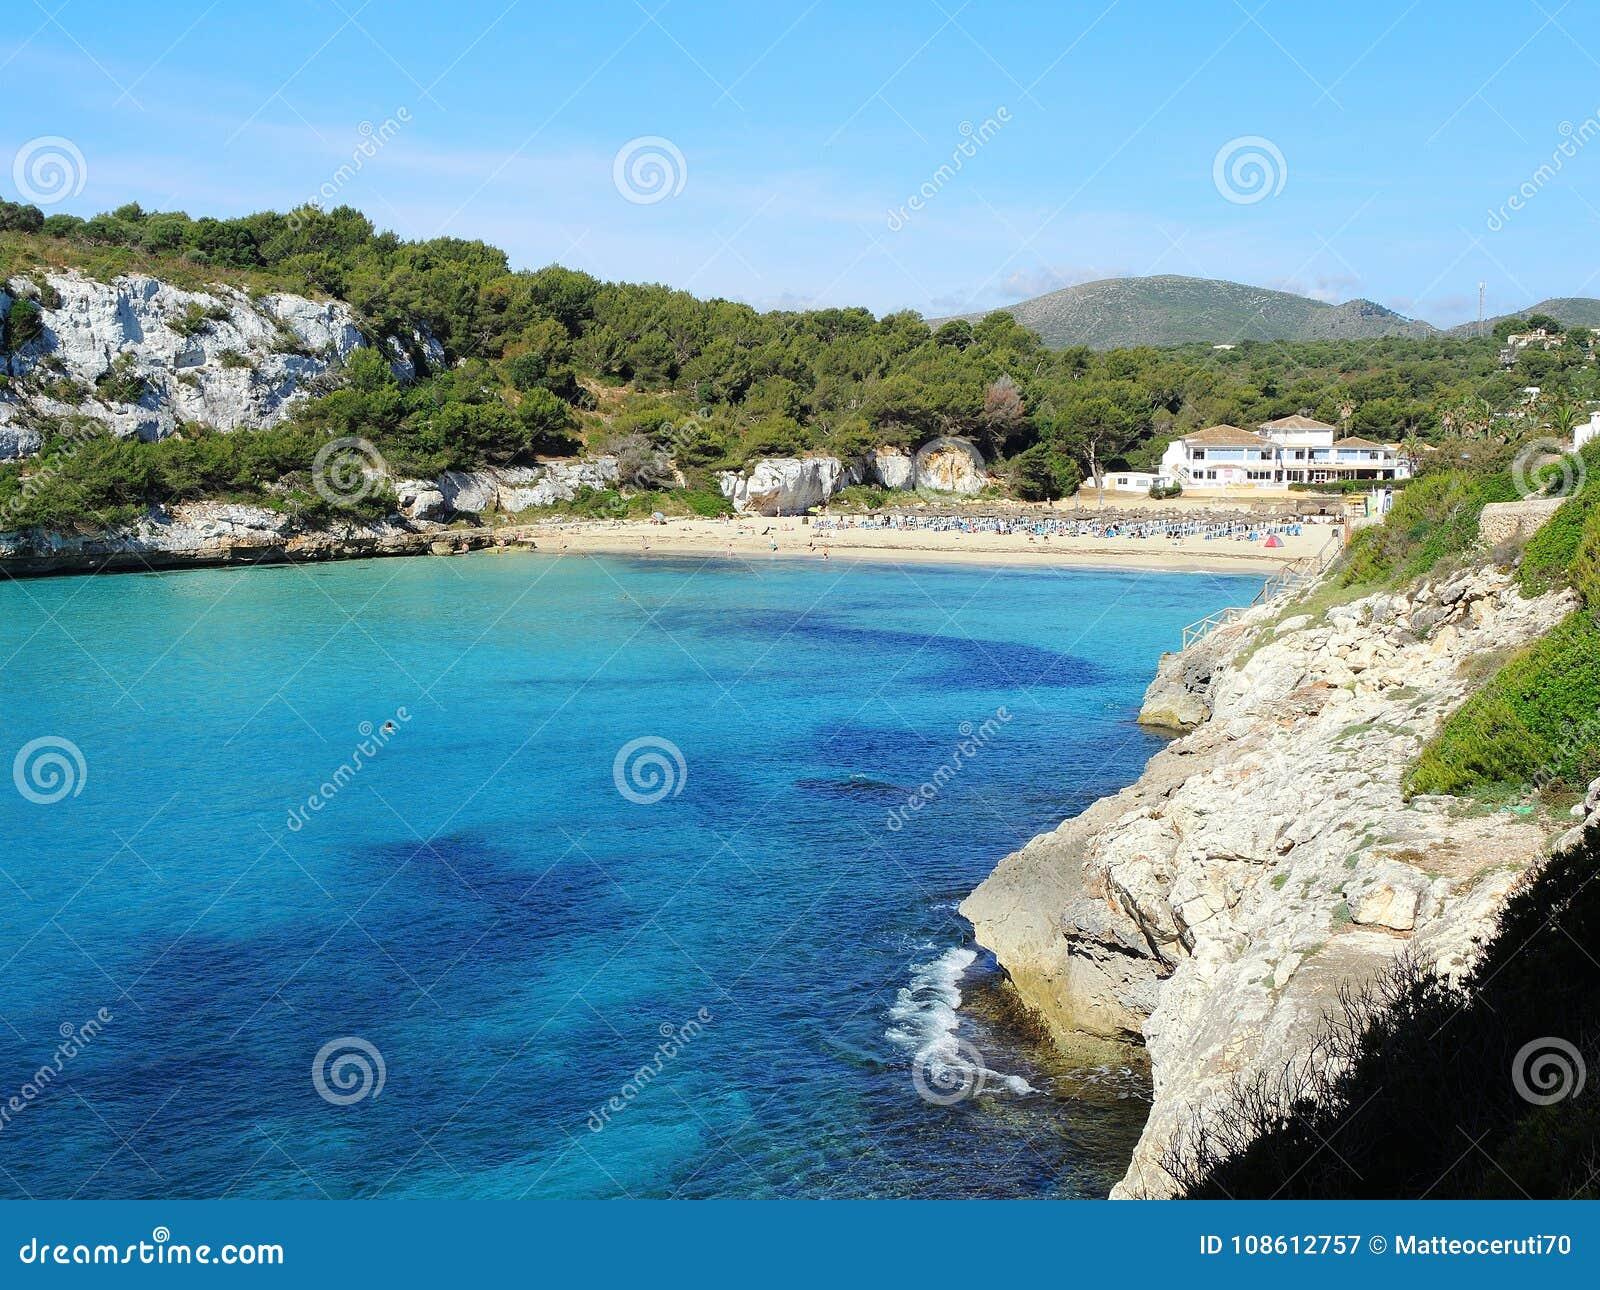 Cala埃斯塔尼d `与美妙的绿松石海, Cala Romantica,波尔图克里斯多,马略卡的en Mas美丽的海湾的风景